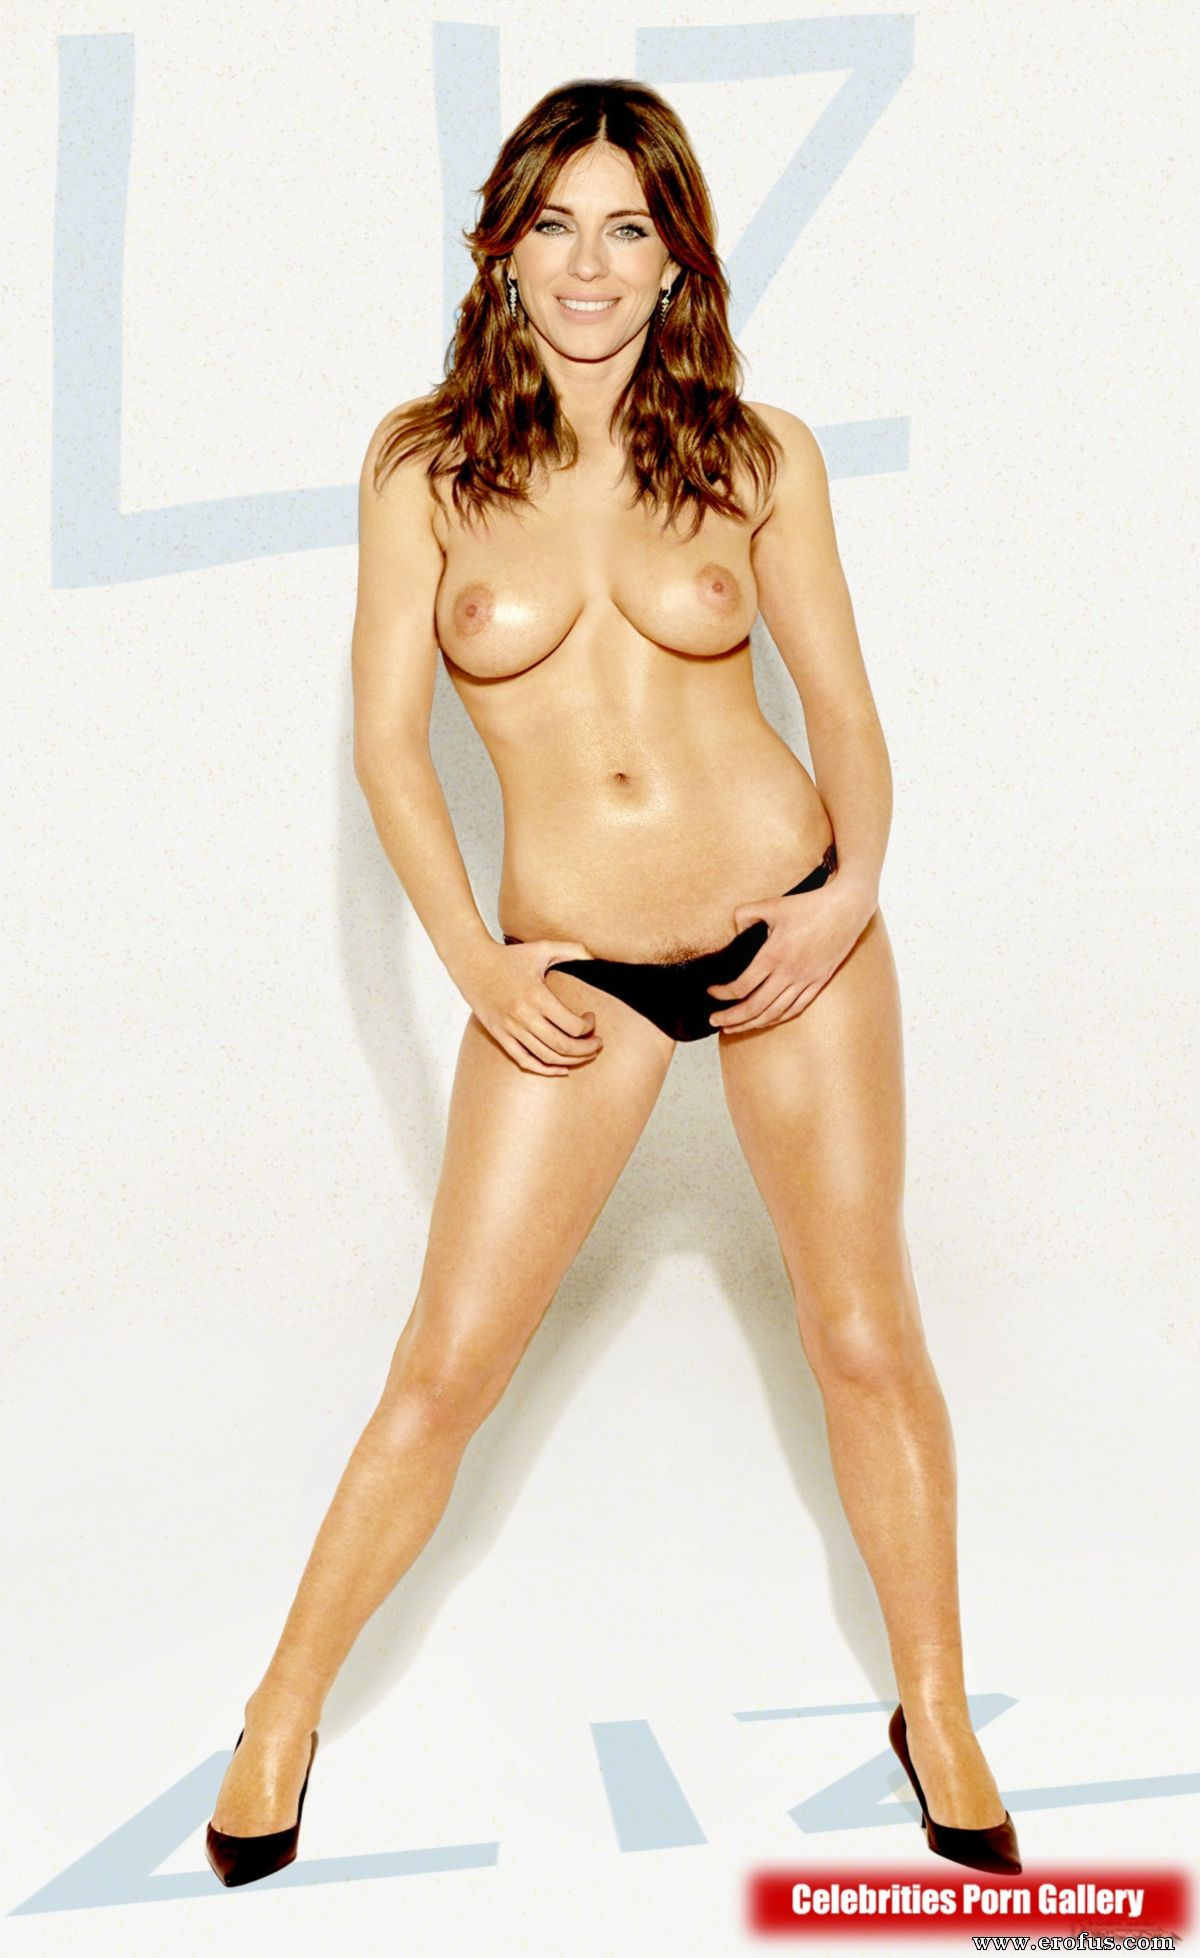 Elizabeth Hurley Nude Celebrity Pics